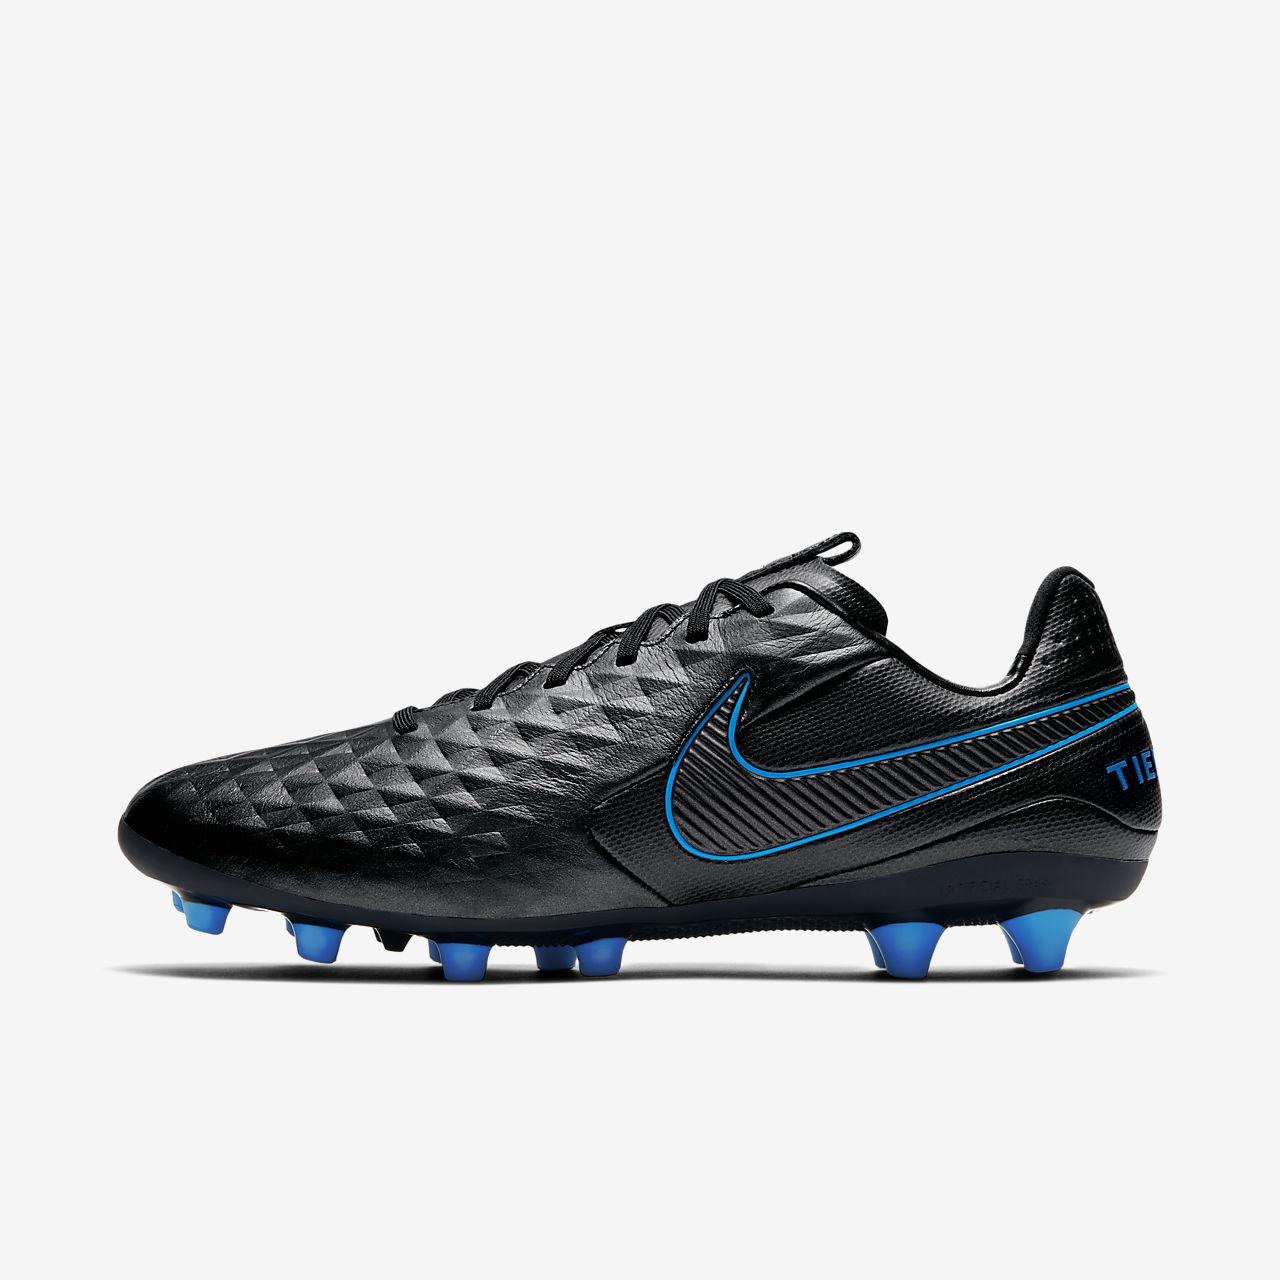 Fotbollssko för konstgräs Nike Tiempo Legend 8 Pro AG-PRO